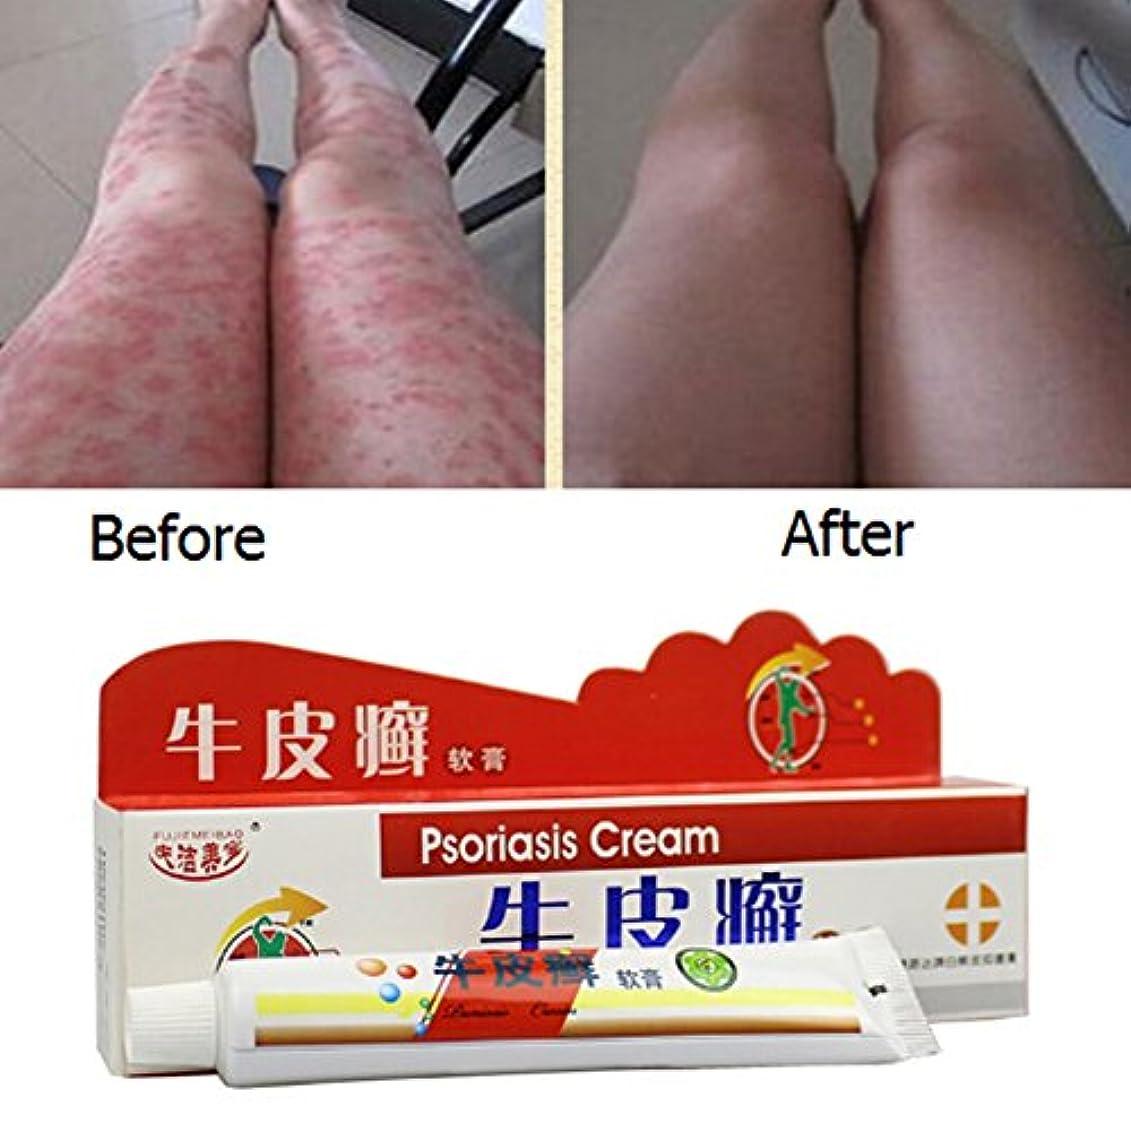 借りている規制プロットBalai 乾癬クリーム 中国のハーブ抗菌軟膏クリーム 湿疹乾癬 治療かゆみ止めクリーム